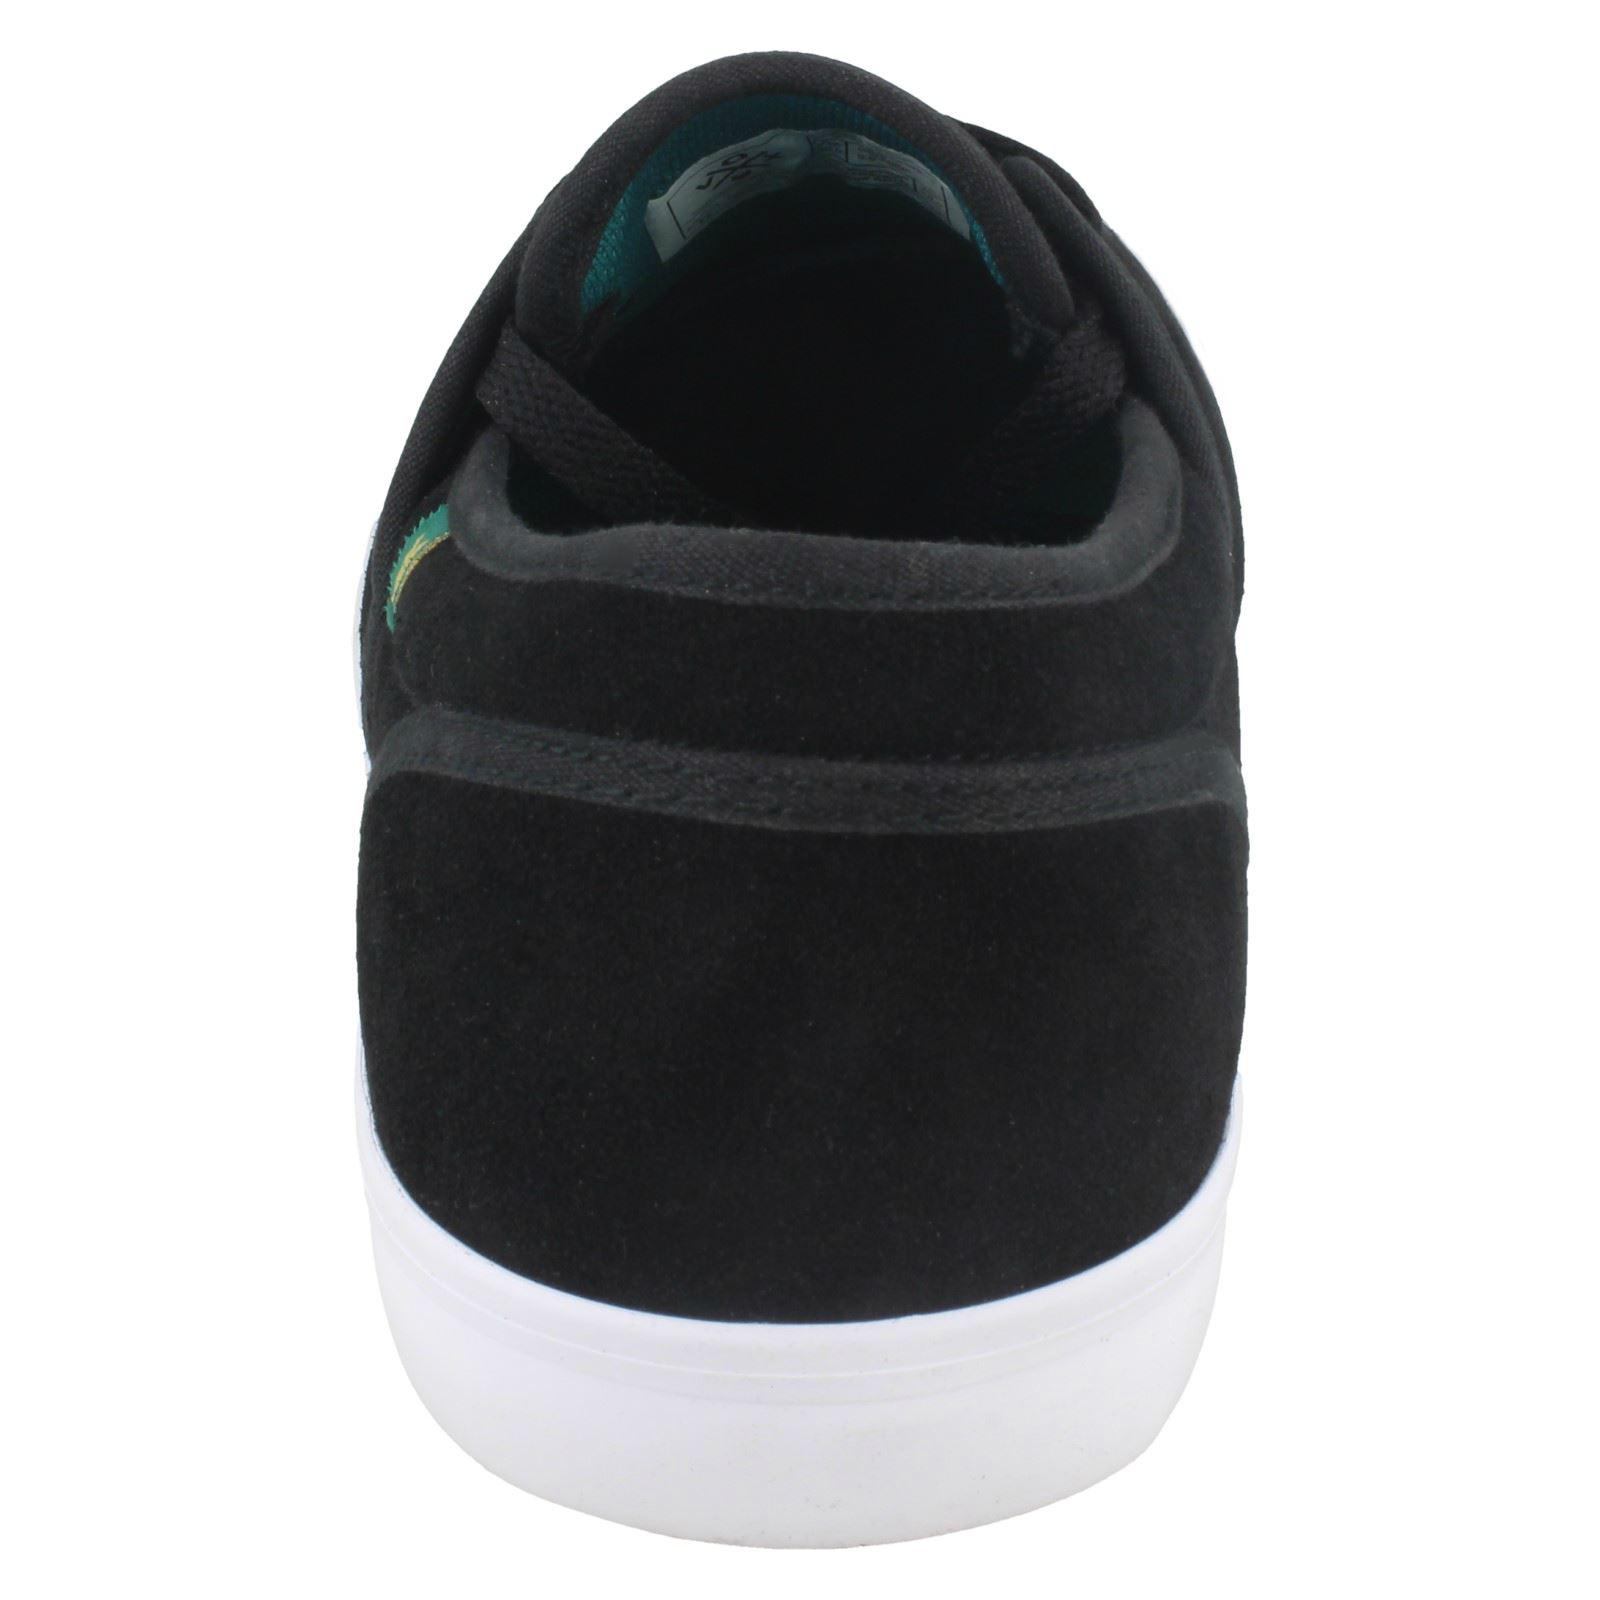 Hombre Vox Suede Casual Casual Casual Zapatos